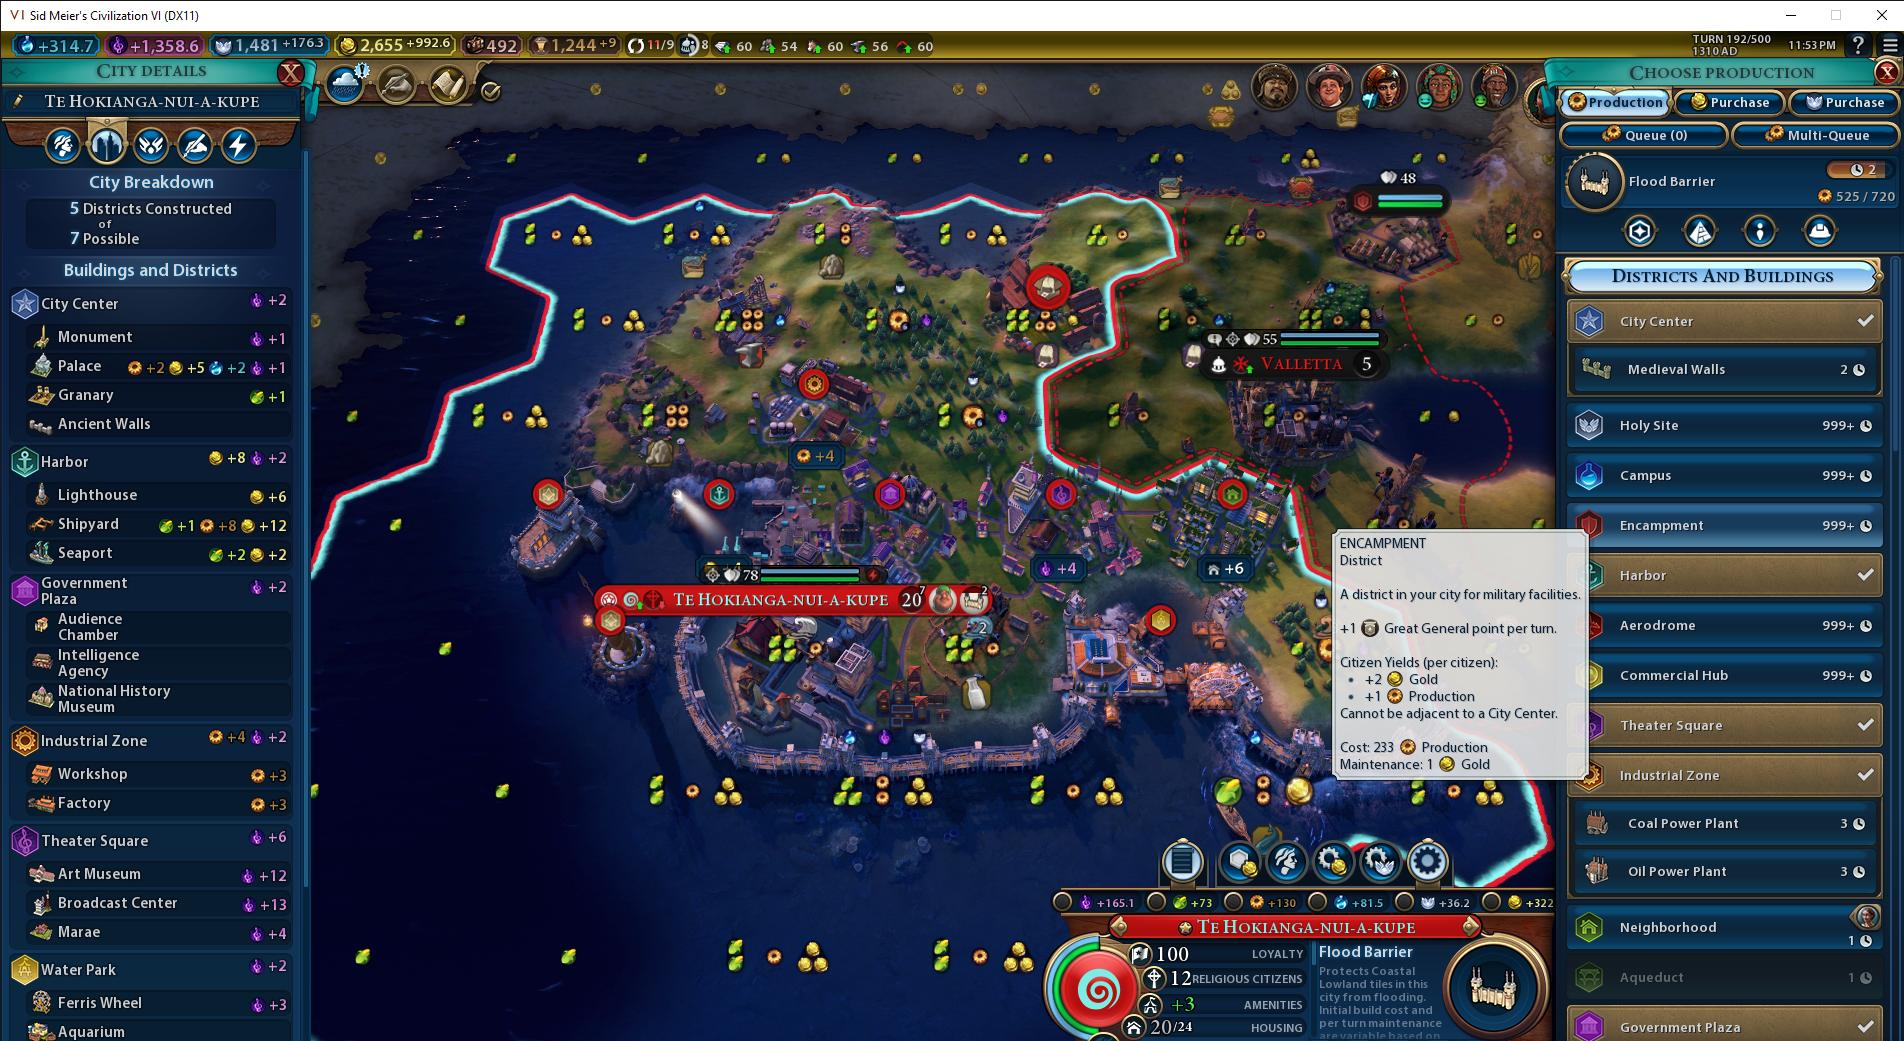 Sid Meier's Civilization VI (DX11) 4_3_2021 11_53_39 PM.png